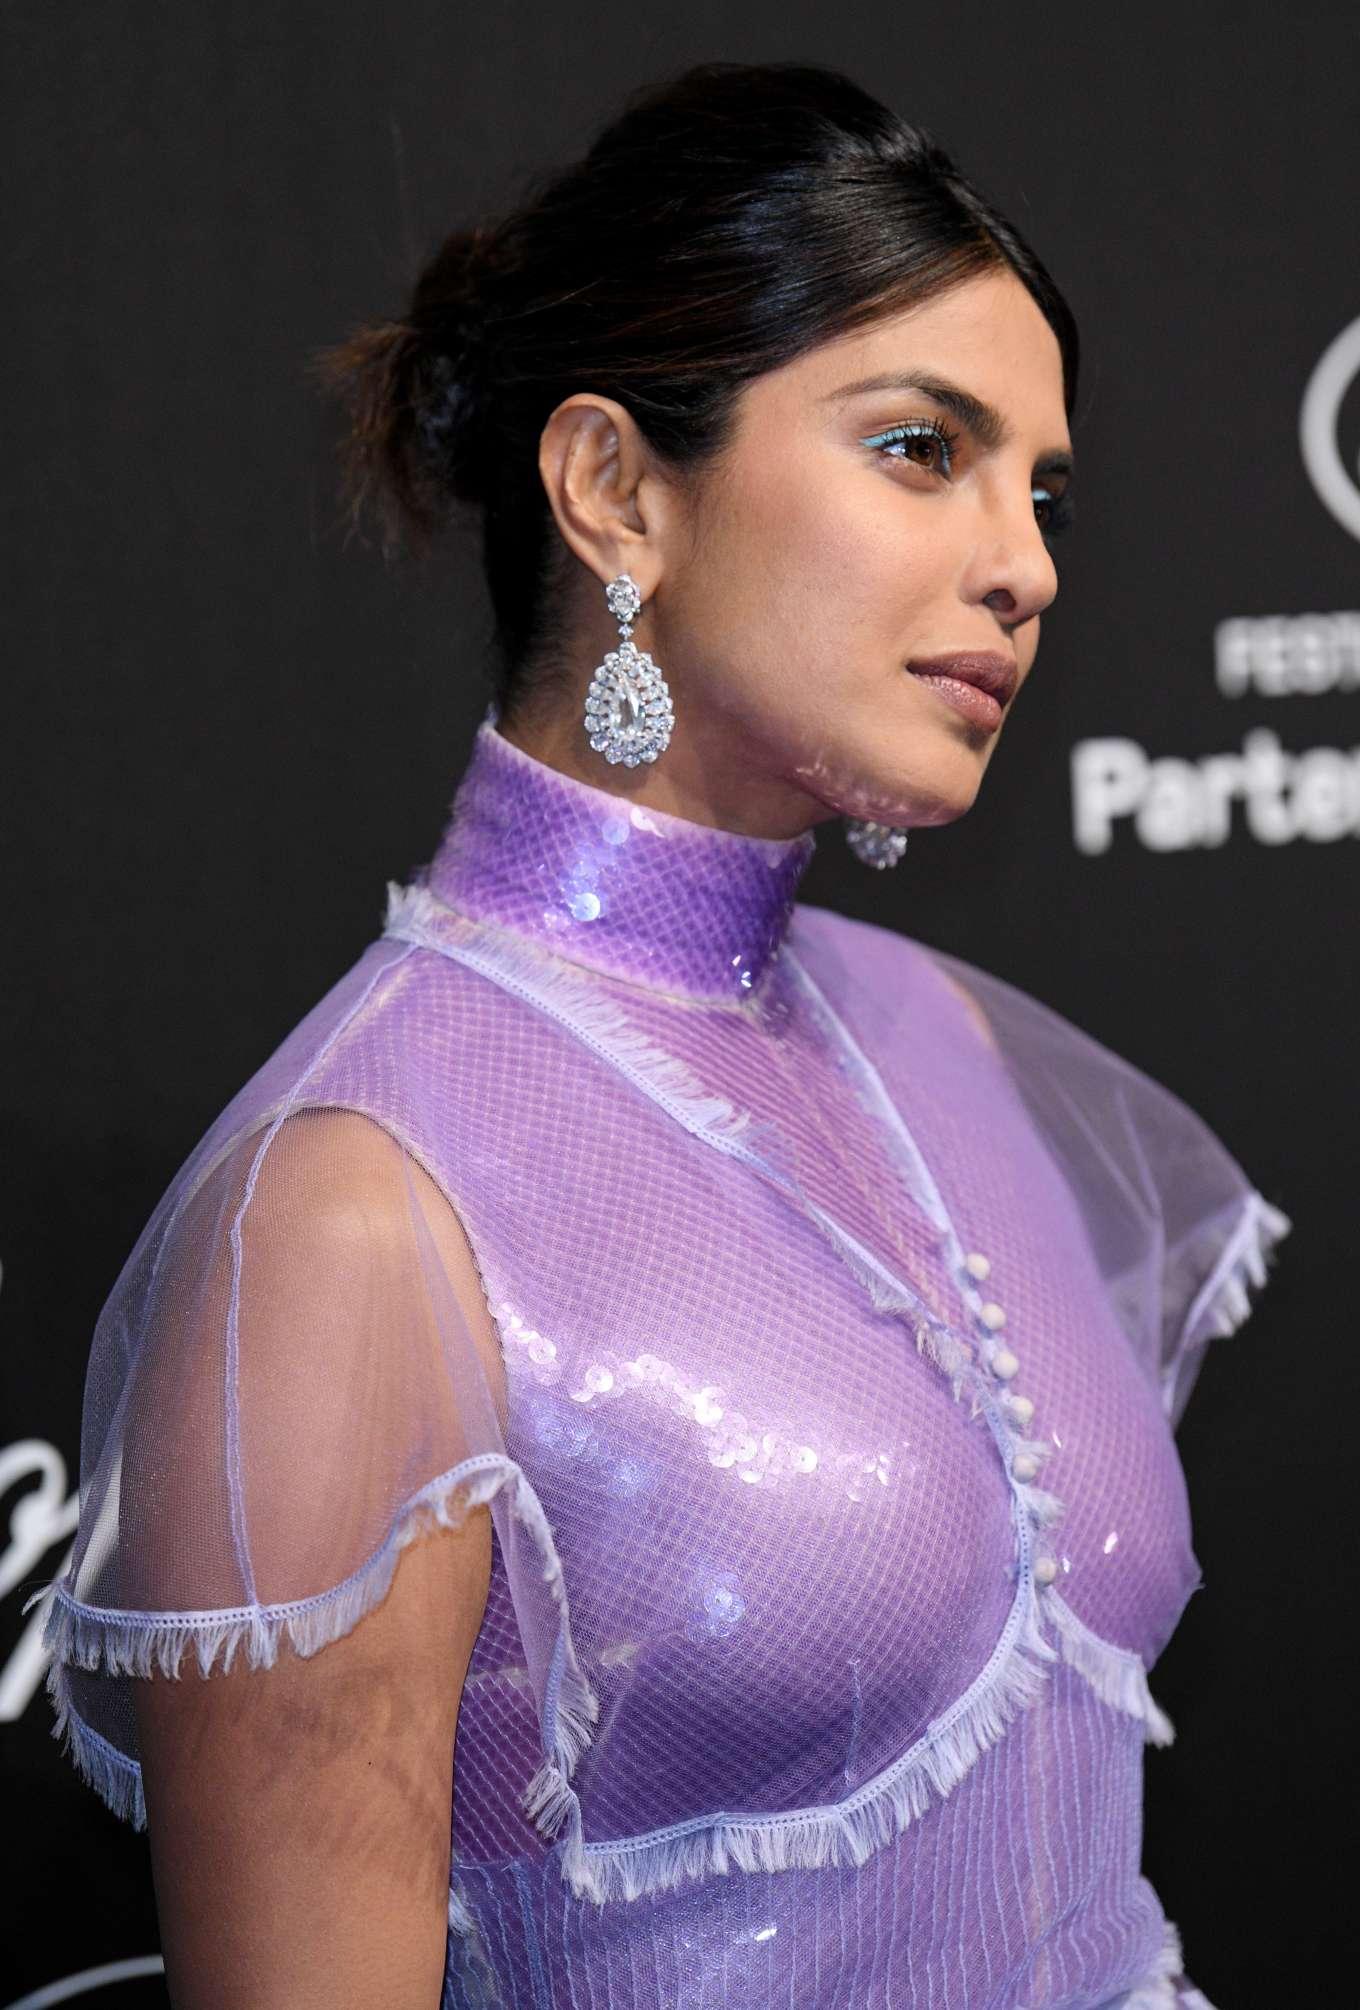 Priyanka Chopra 2019 : Priyanka Chopra: Chopard Party at 2019 Cannes Film Festival-09